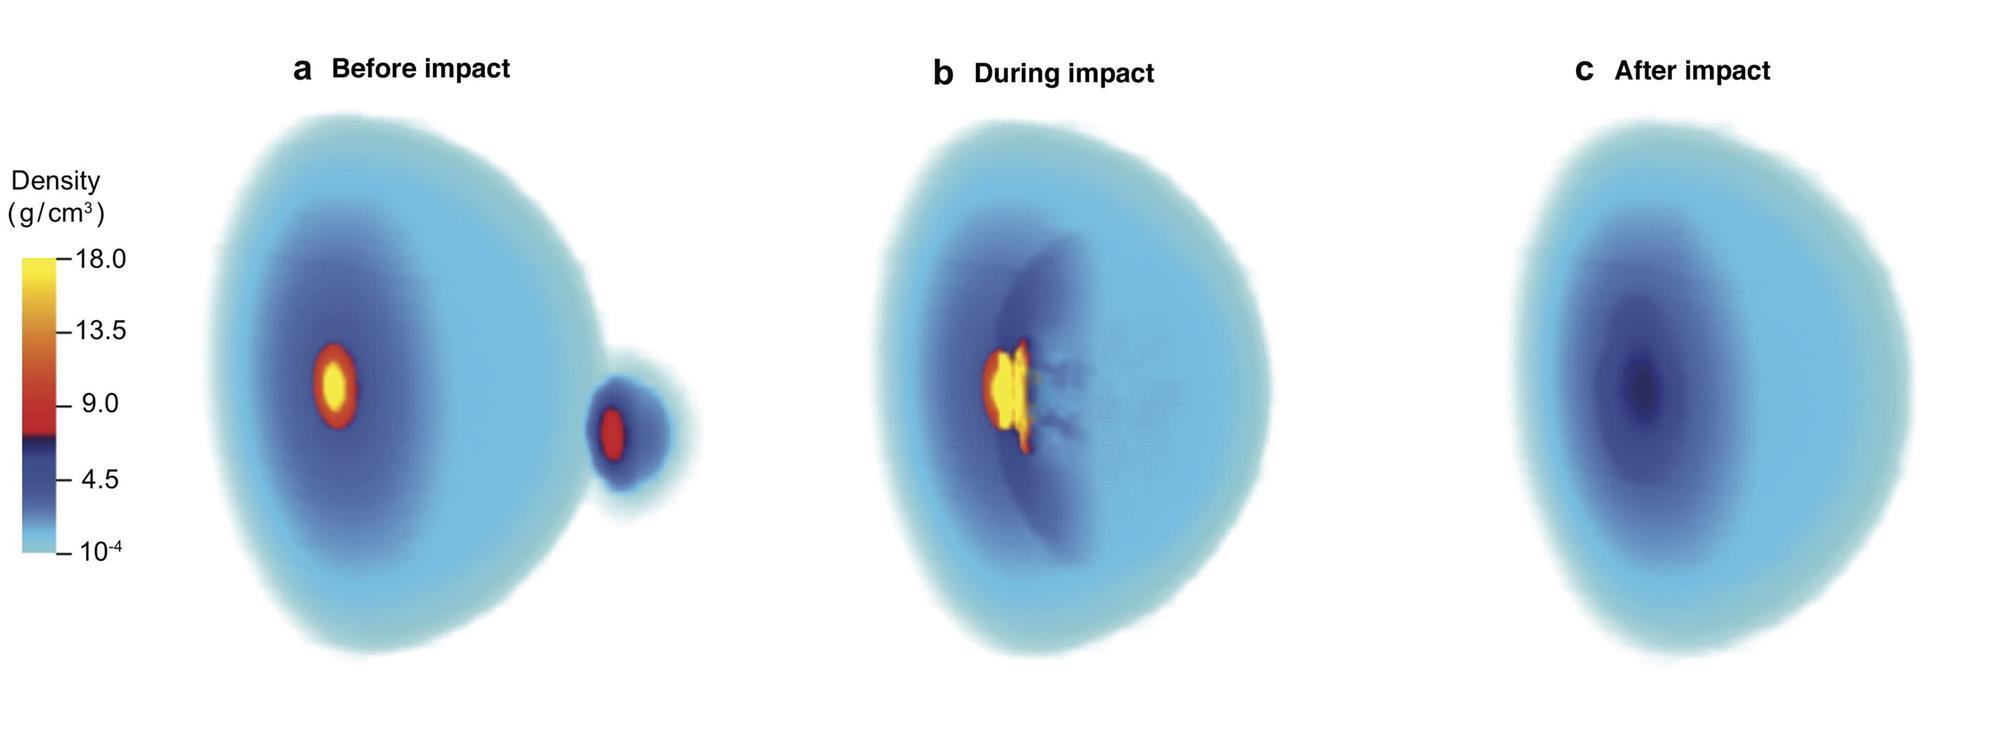 Effetti dell'impatto sul nucleo del giovane Giove. Crediti Shang-Fei Liu/Sun Yat-sen University